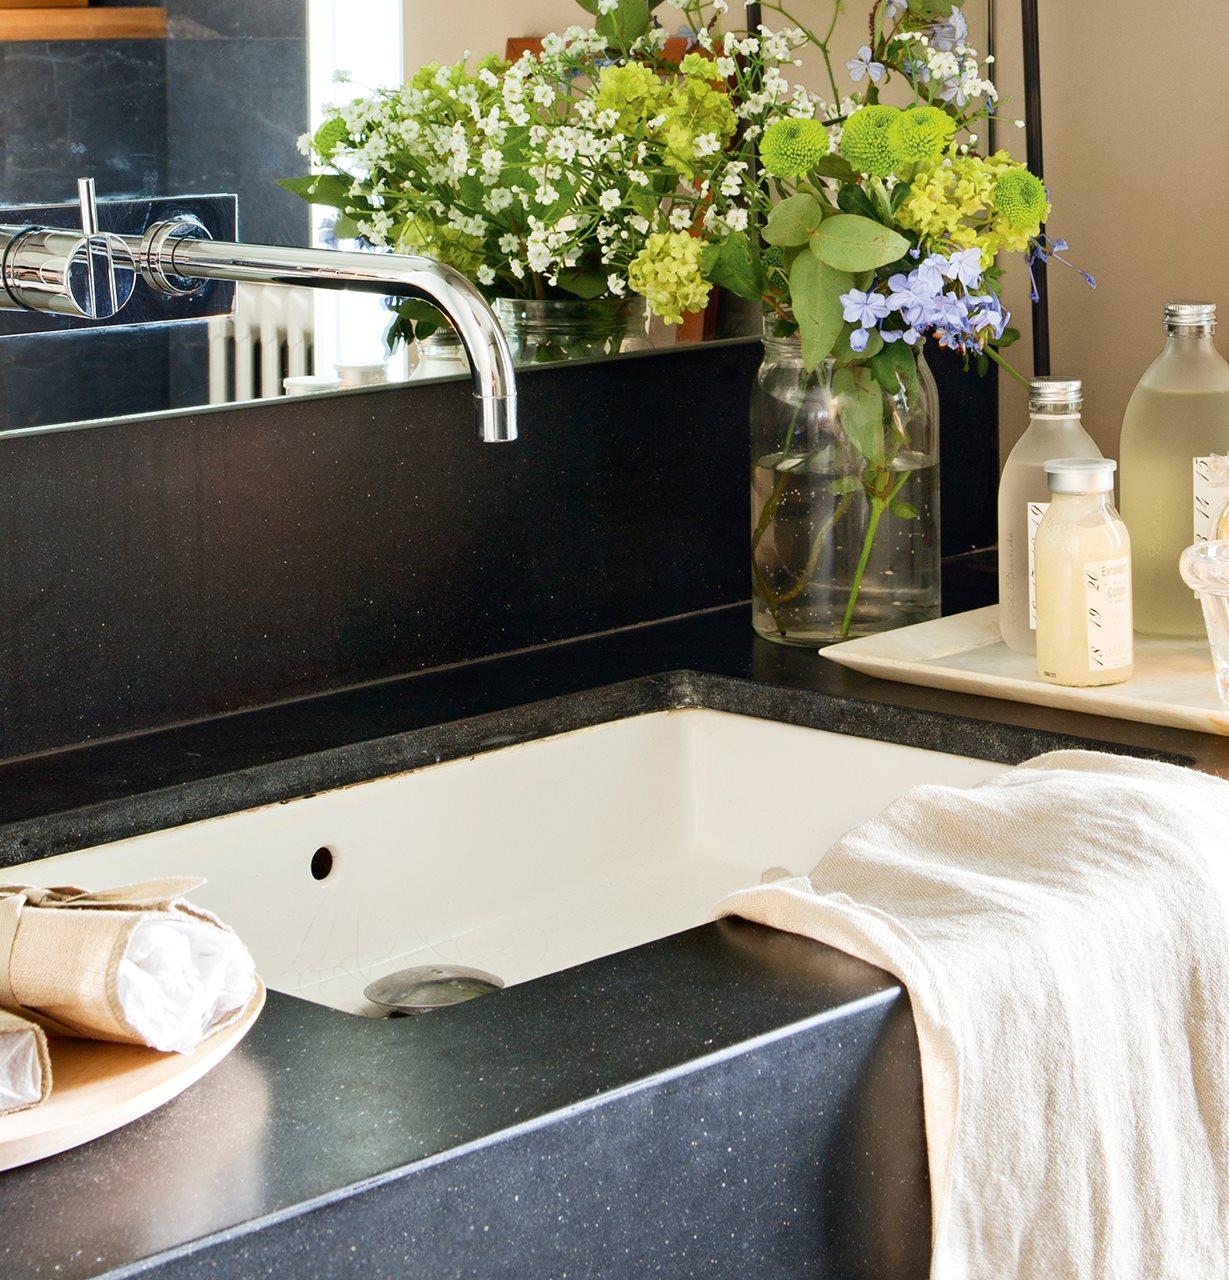 detalle de lavamanos con encimera de mrmol negro lavamanos